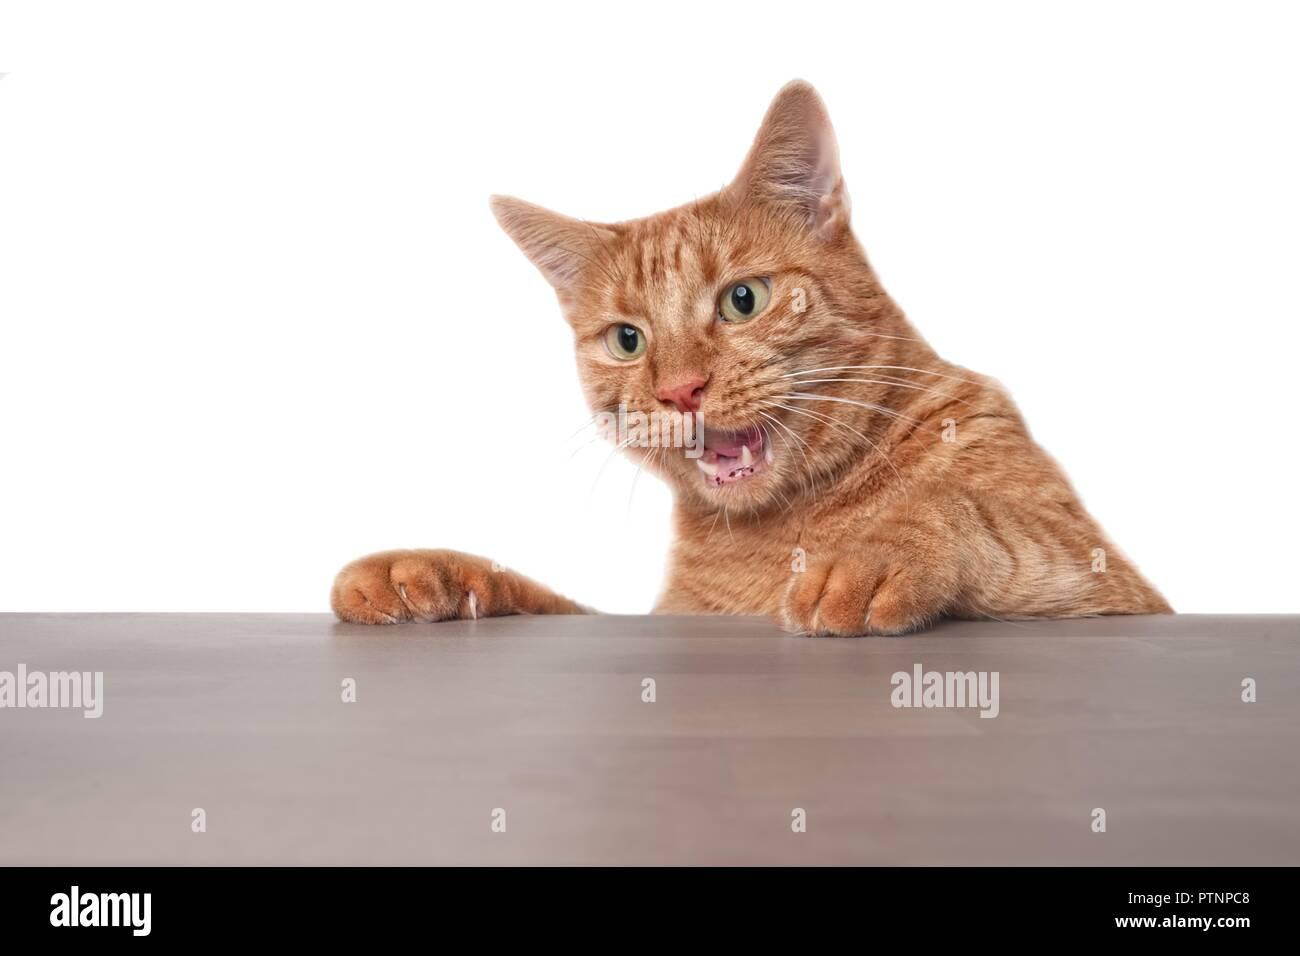 Funny cat gingembre à la surprise à la table. Photo Stock